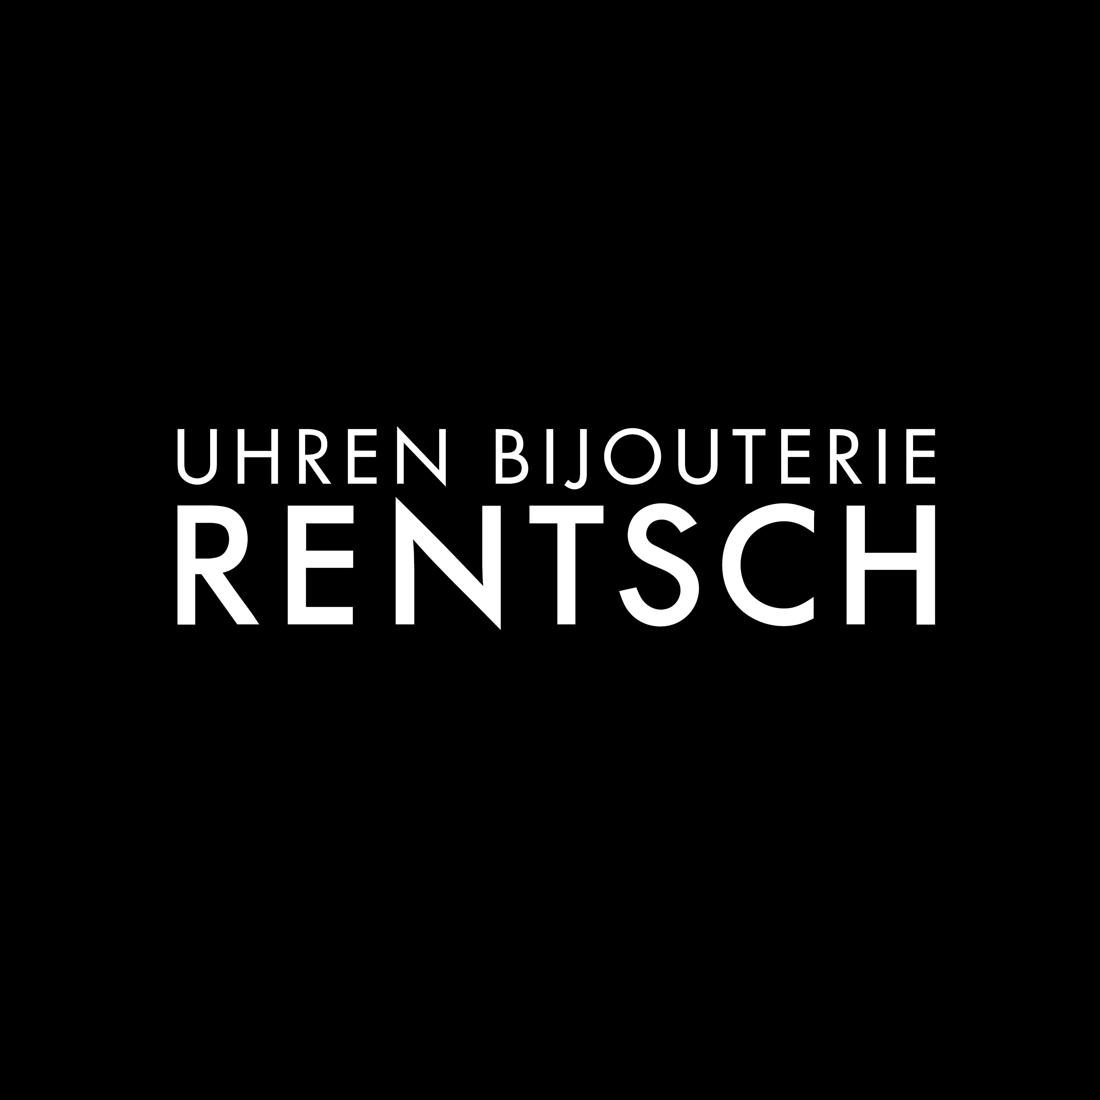 Rentsch AG, Uhren Bijouterie